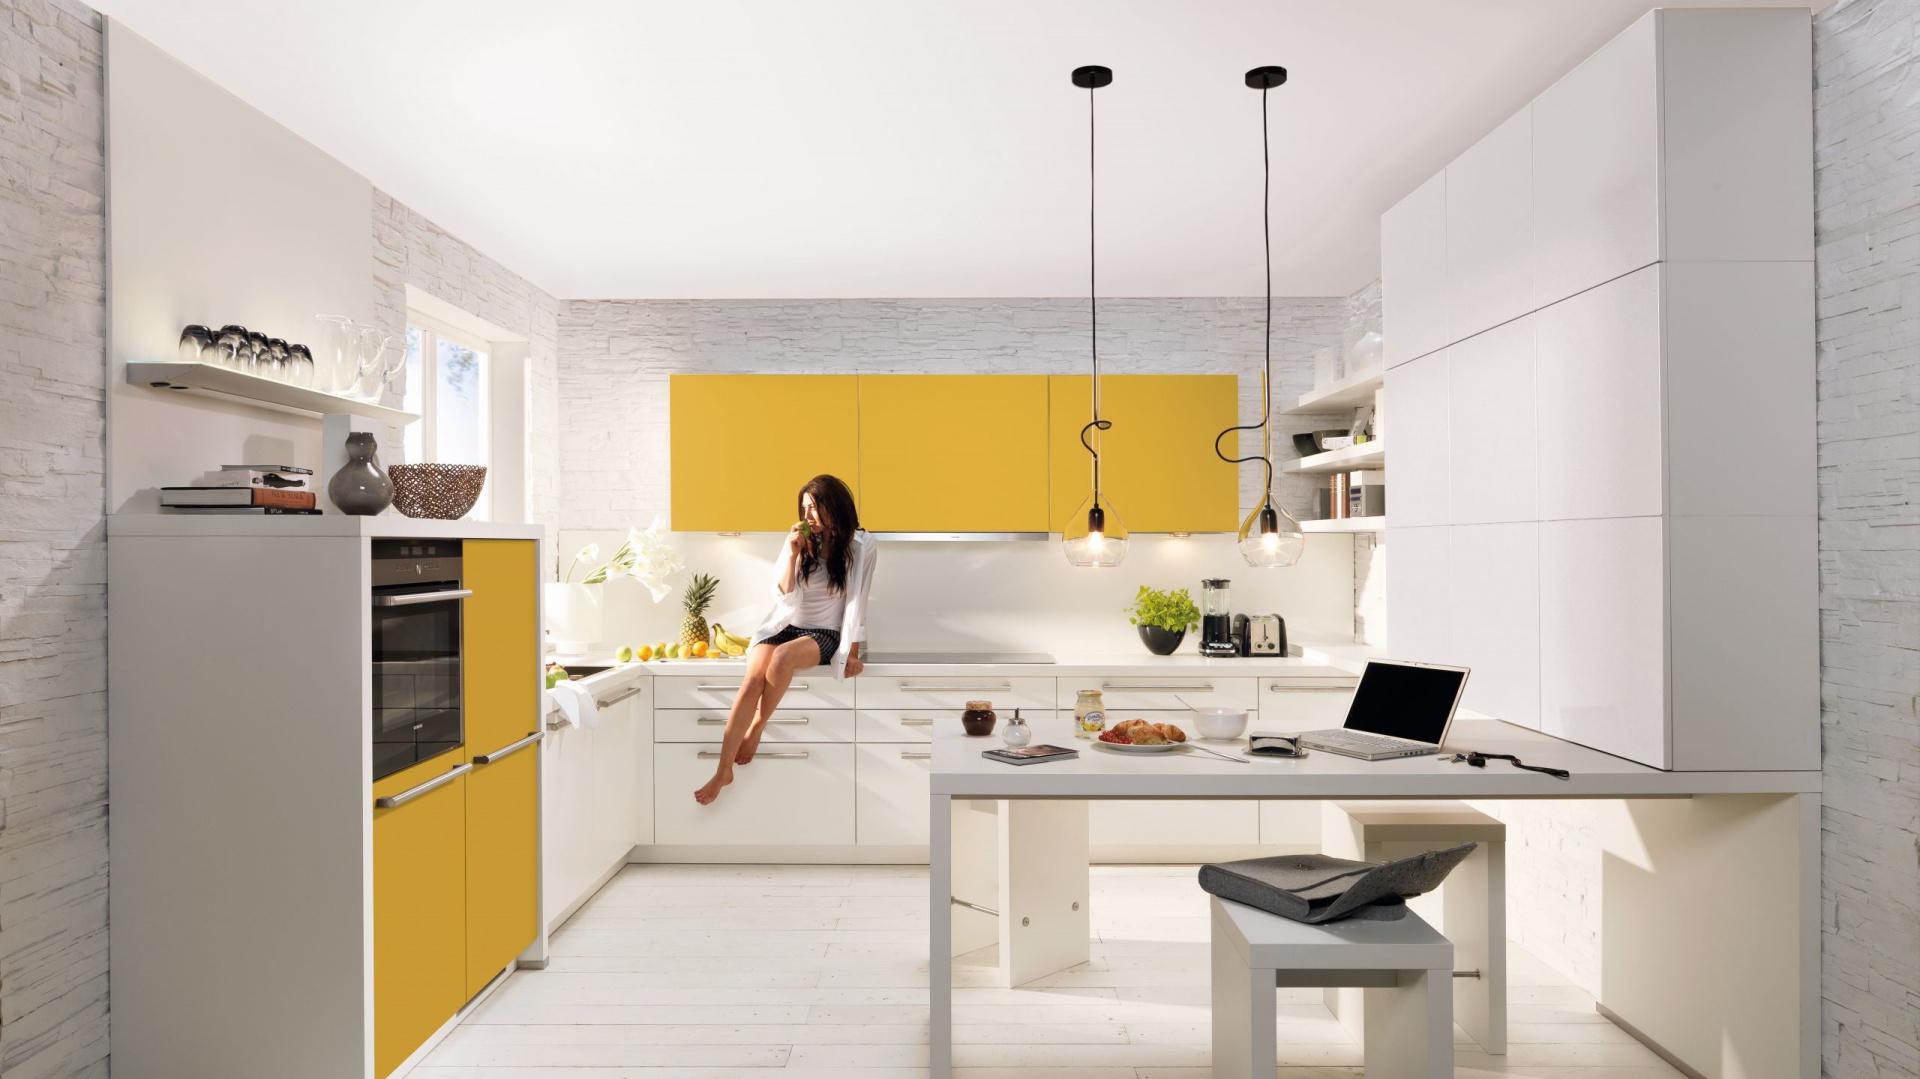 Meble kuchenne z kolekcji Soft Lack. Biel zastosowaną we wnętrzu w zdecydowanej przewadze ocieplają fronty w ciepłym, żółtym kolorze. Całość prezentuje się lekko i stylowo. Wycena indywidualna, Nolte Küchen.